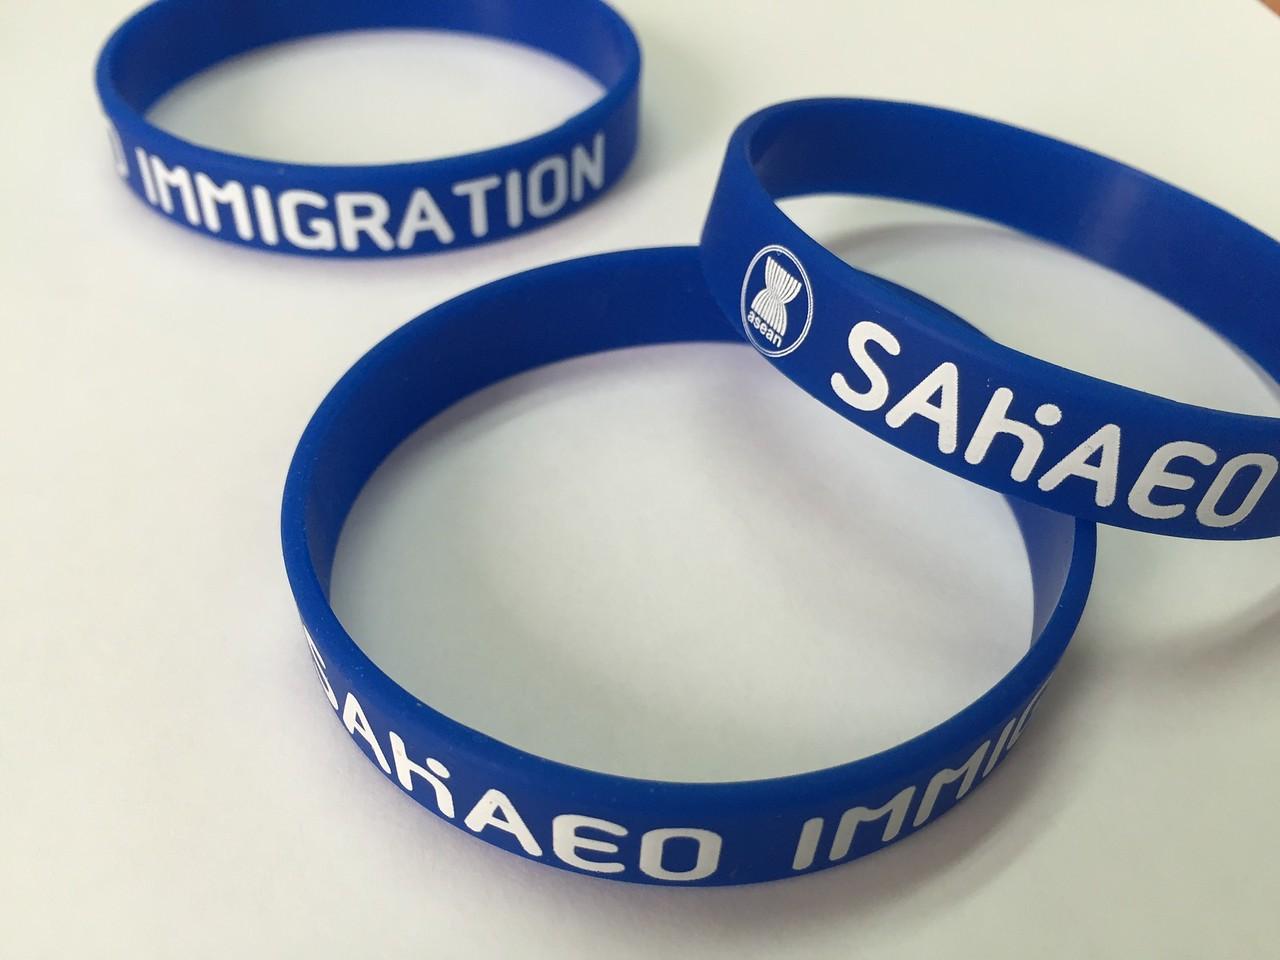 asean SAKAEO IMMIGRATIONシルク印刷リストバンド